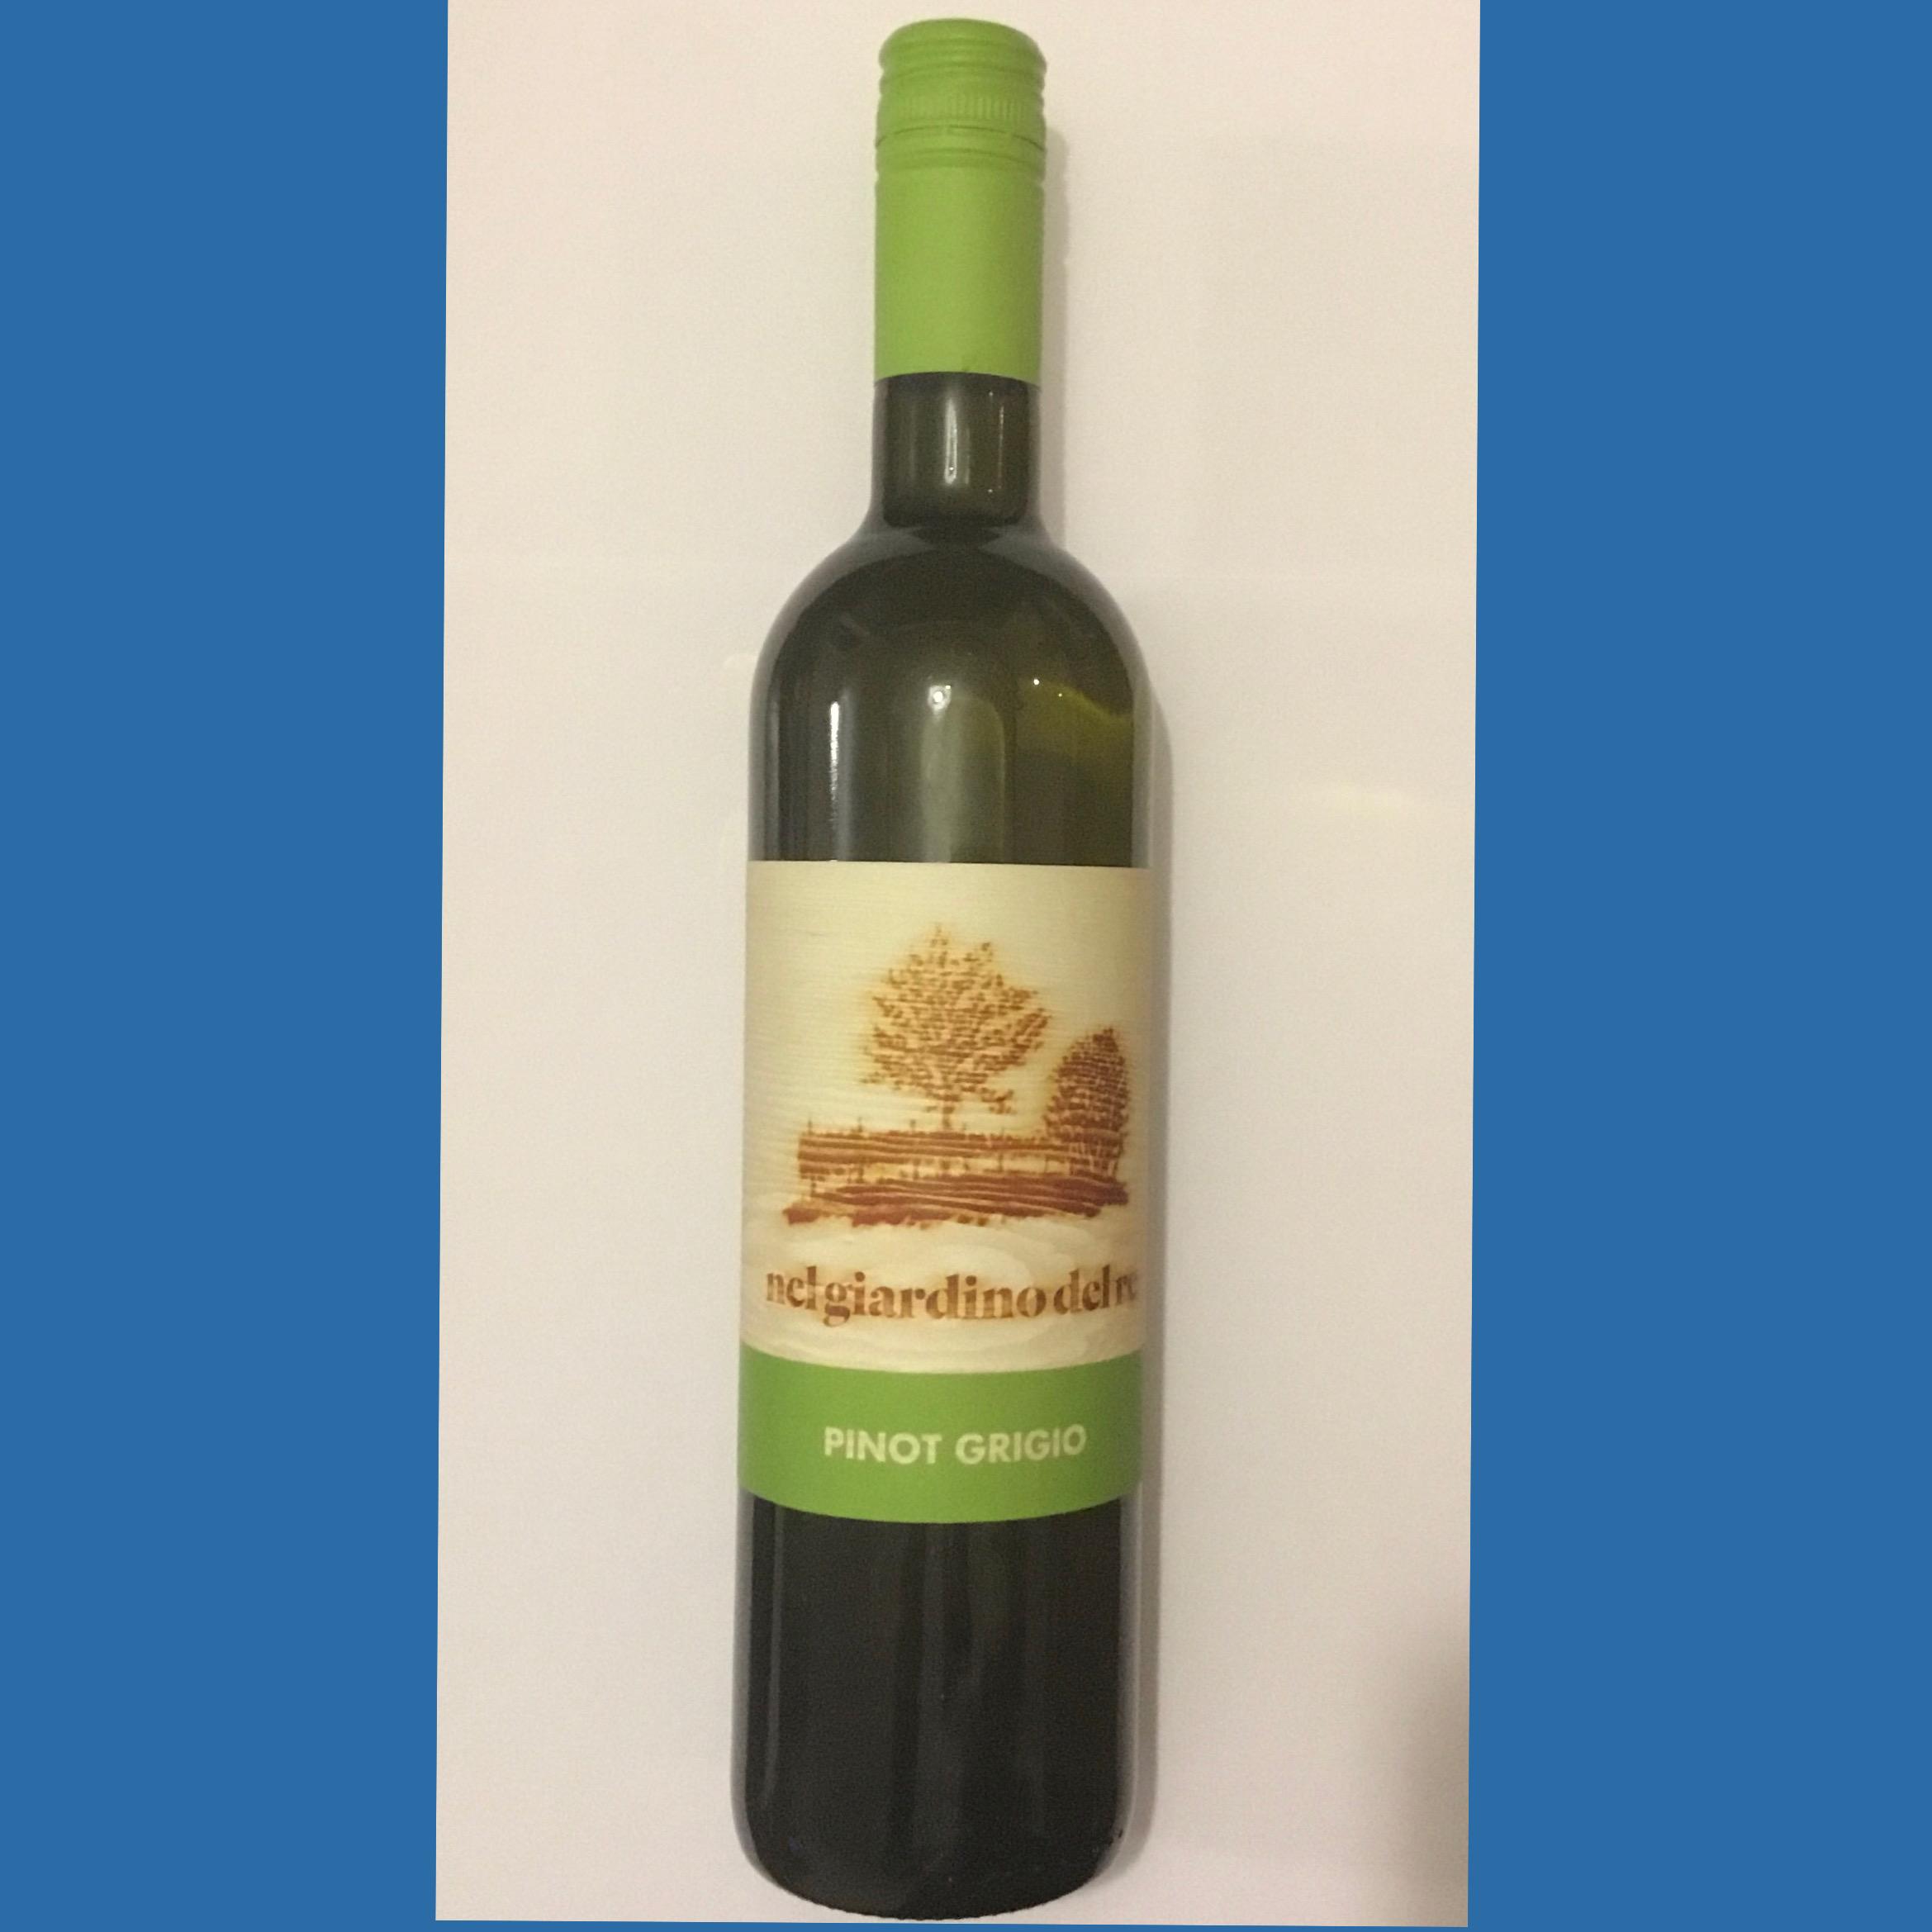 Pinot Grigio nel giardino del re Friuli 12% 750ml